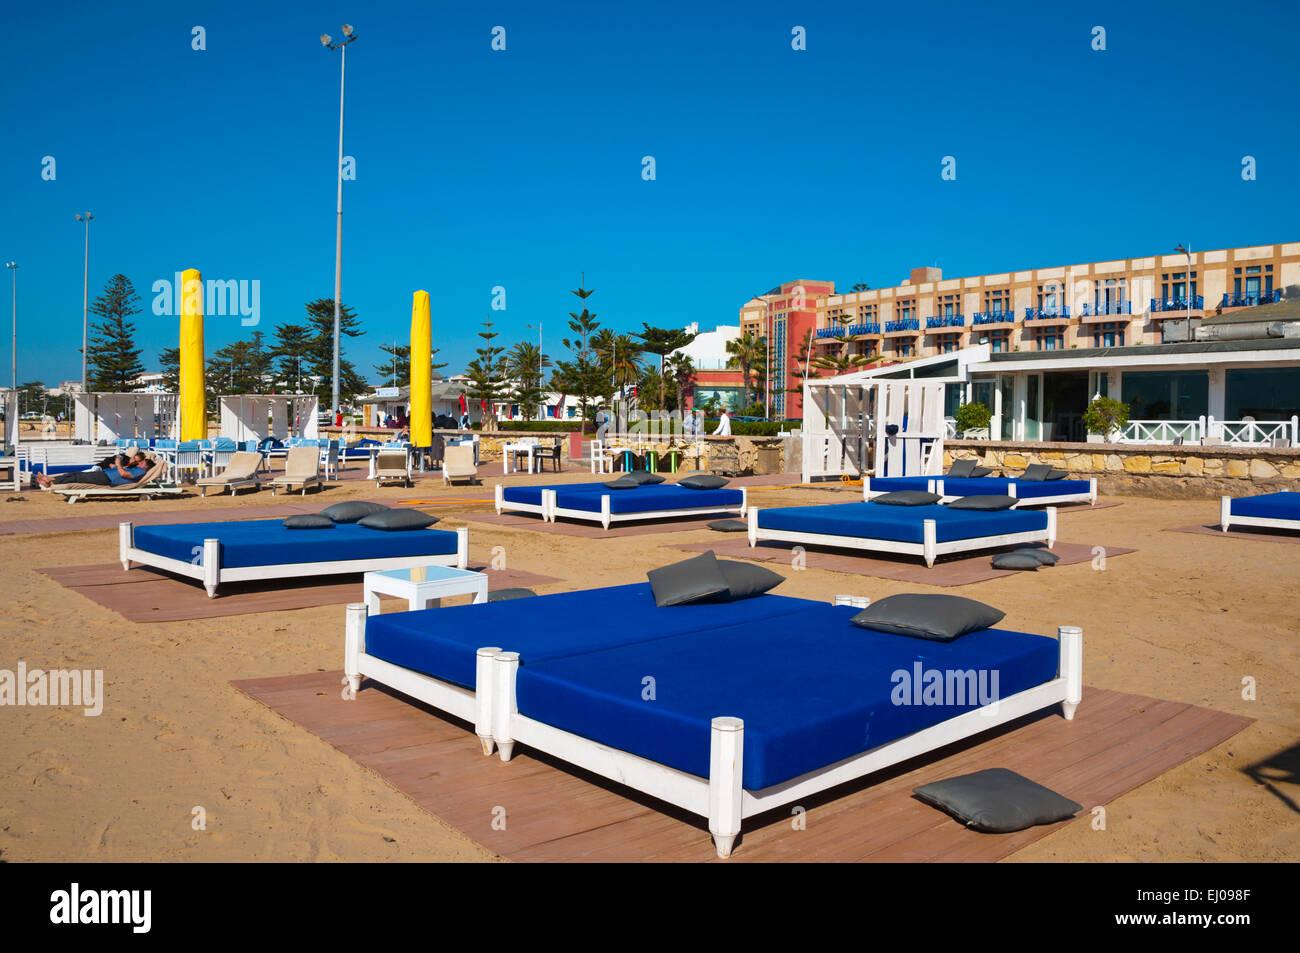 Salón de un bar restaurante, playa de la ciudad de Essaouira, Marruecos, costa atlántica, norte de África Imagen De Stock